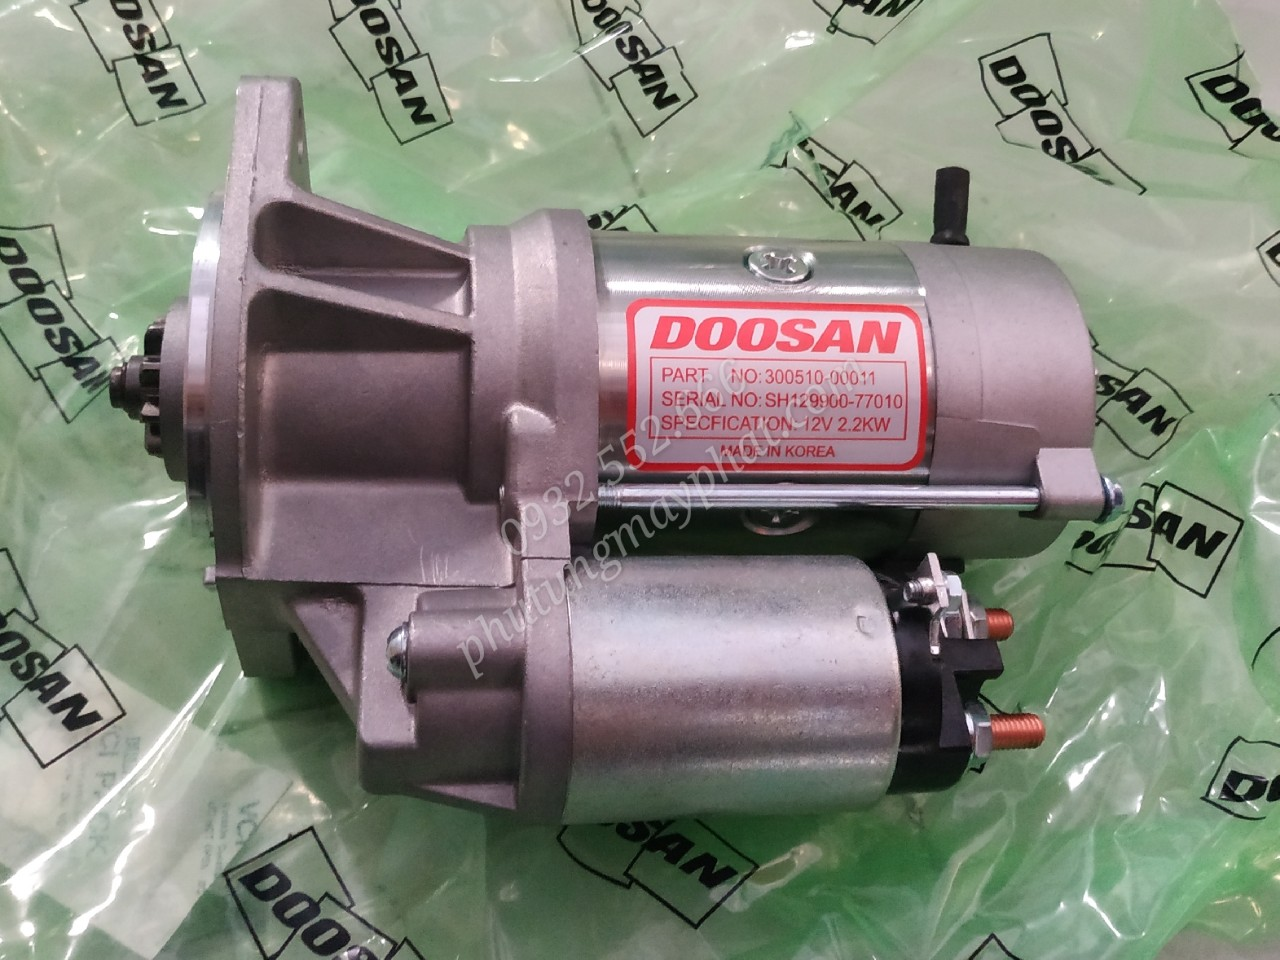 Doosan 300510-00011